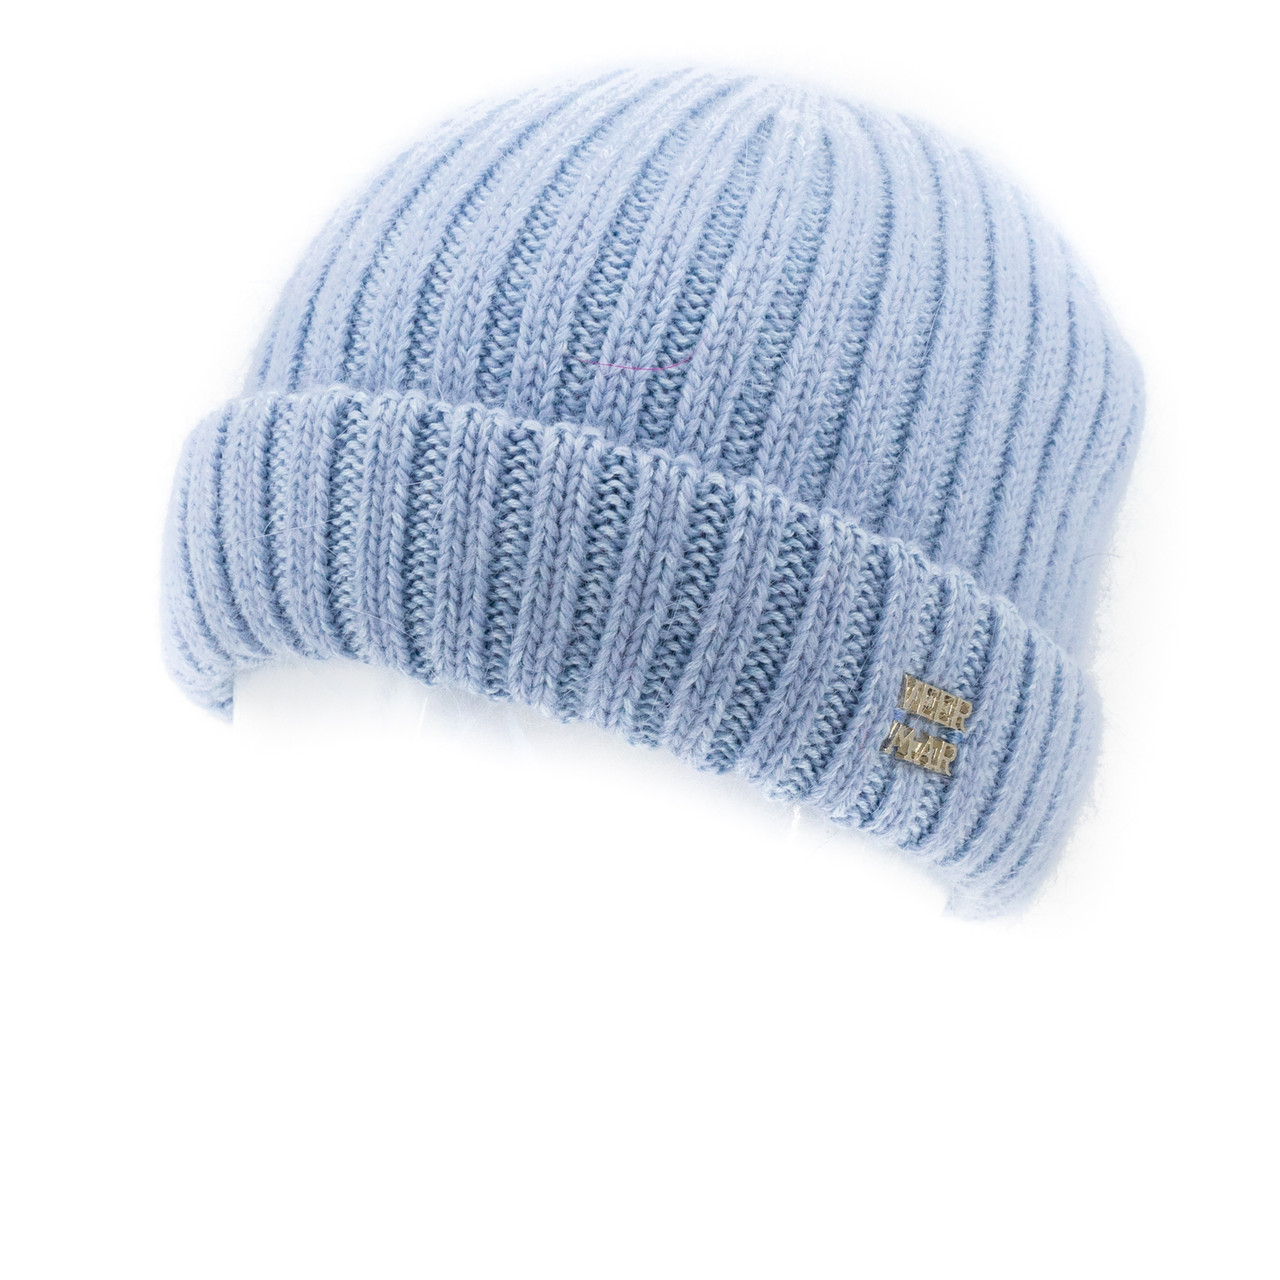 Шапка женская Veer Mar Лайма  светло голубая с голубым      ( SH20107-8814-199 m )